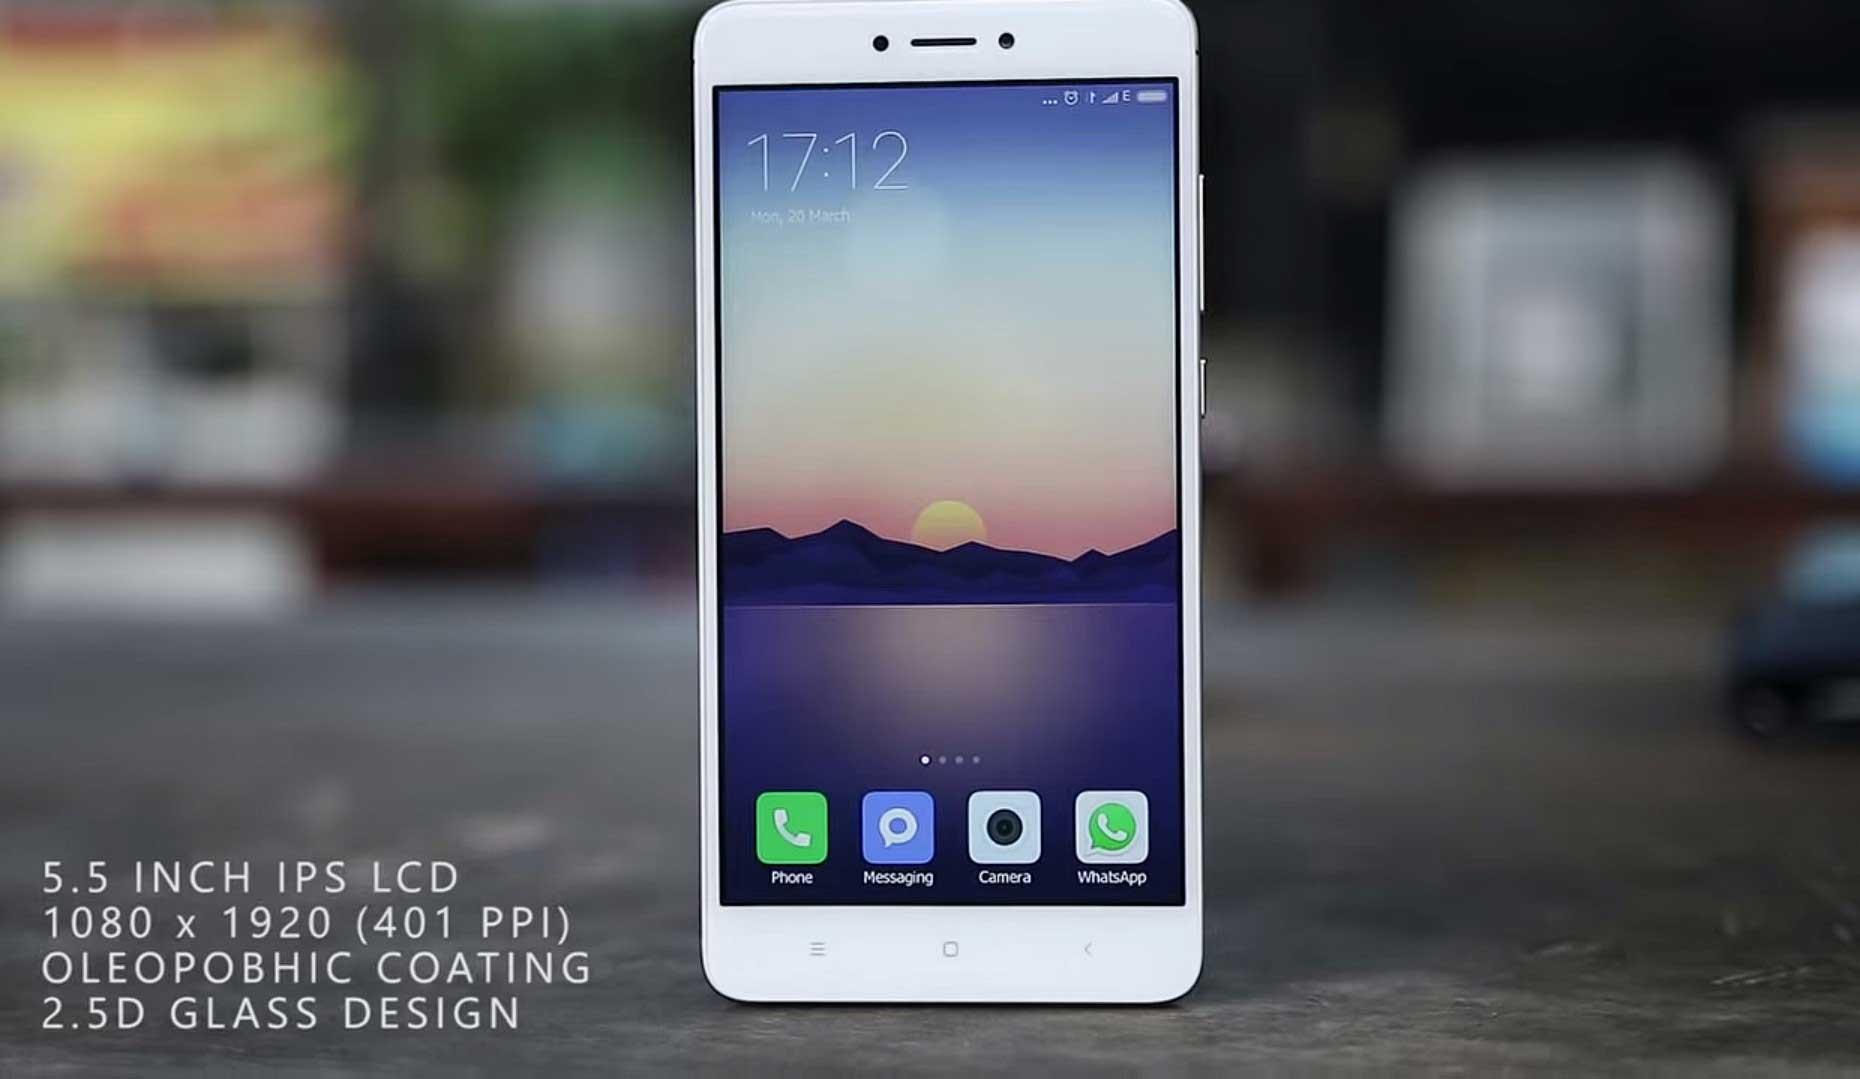 Xiaomi Redmi Note 4x - Xiaomi Di Bawah 2 Jutaan